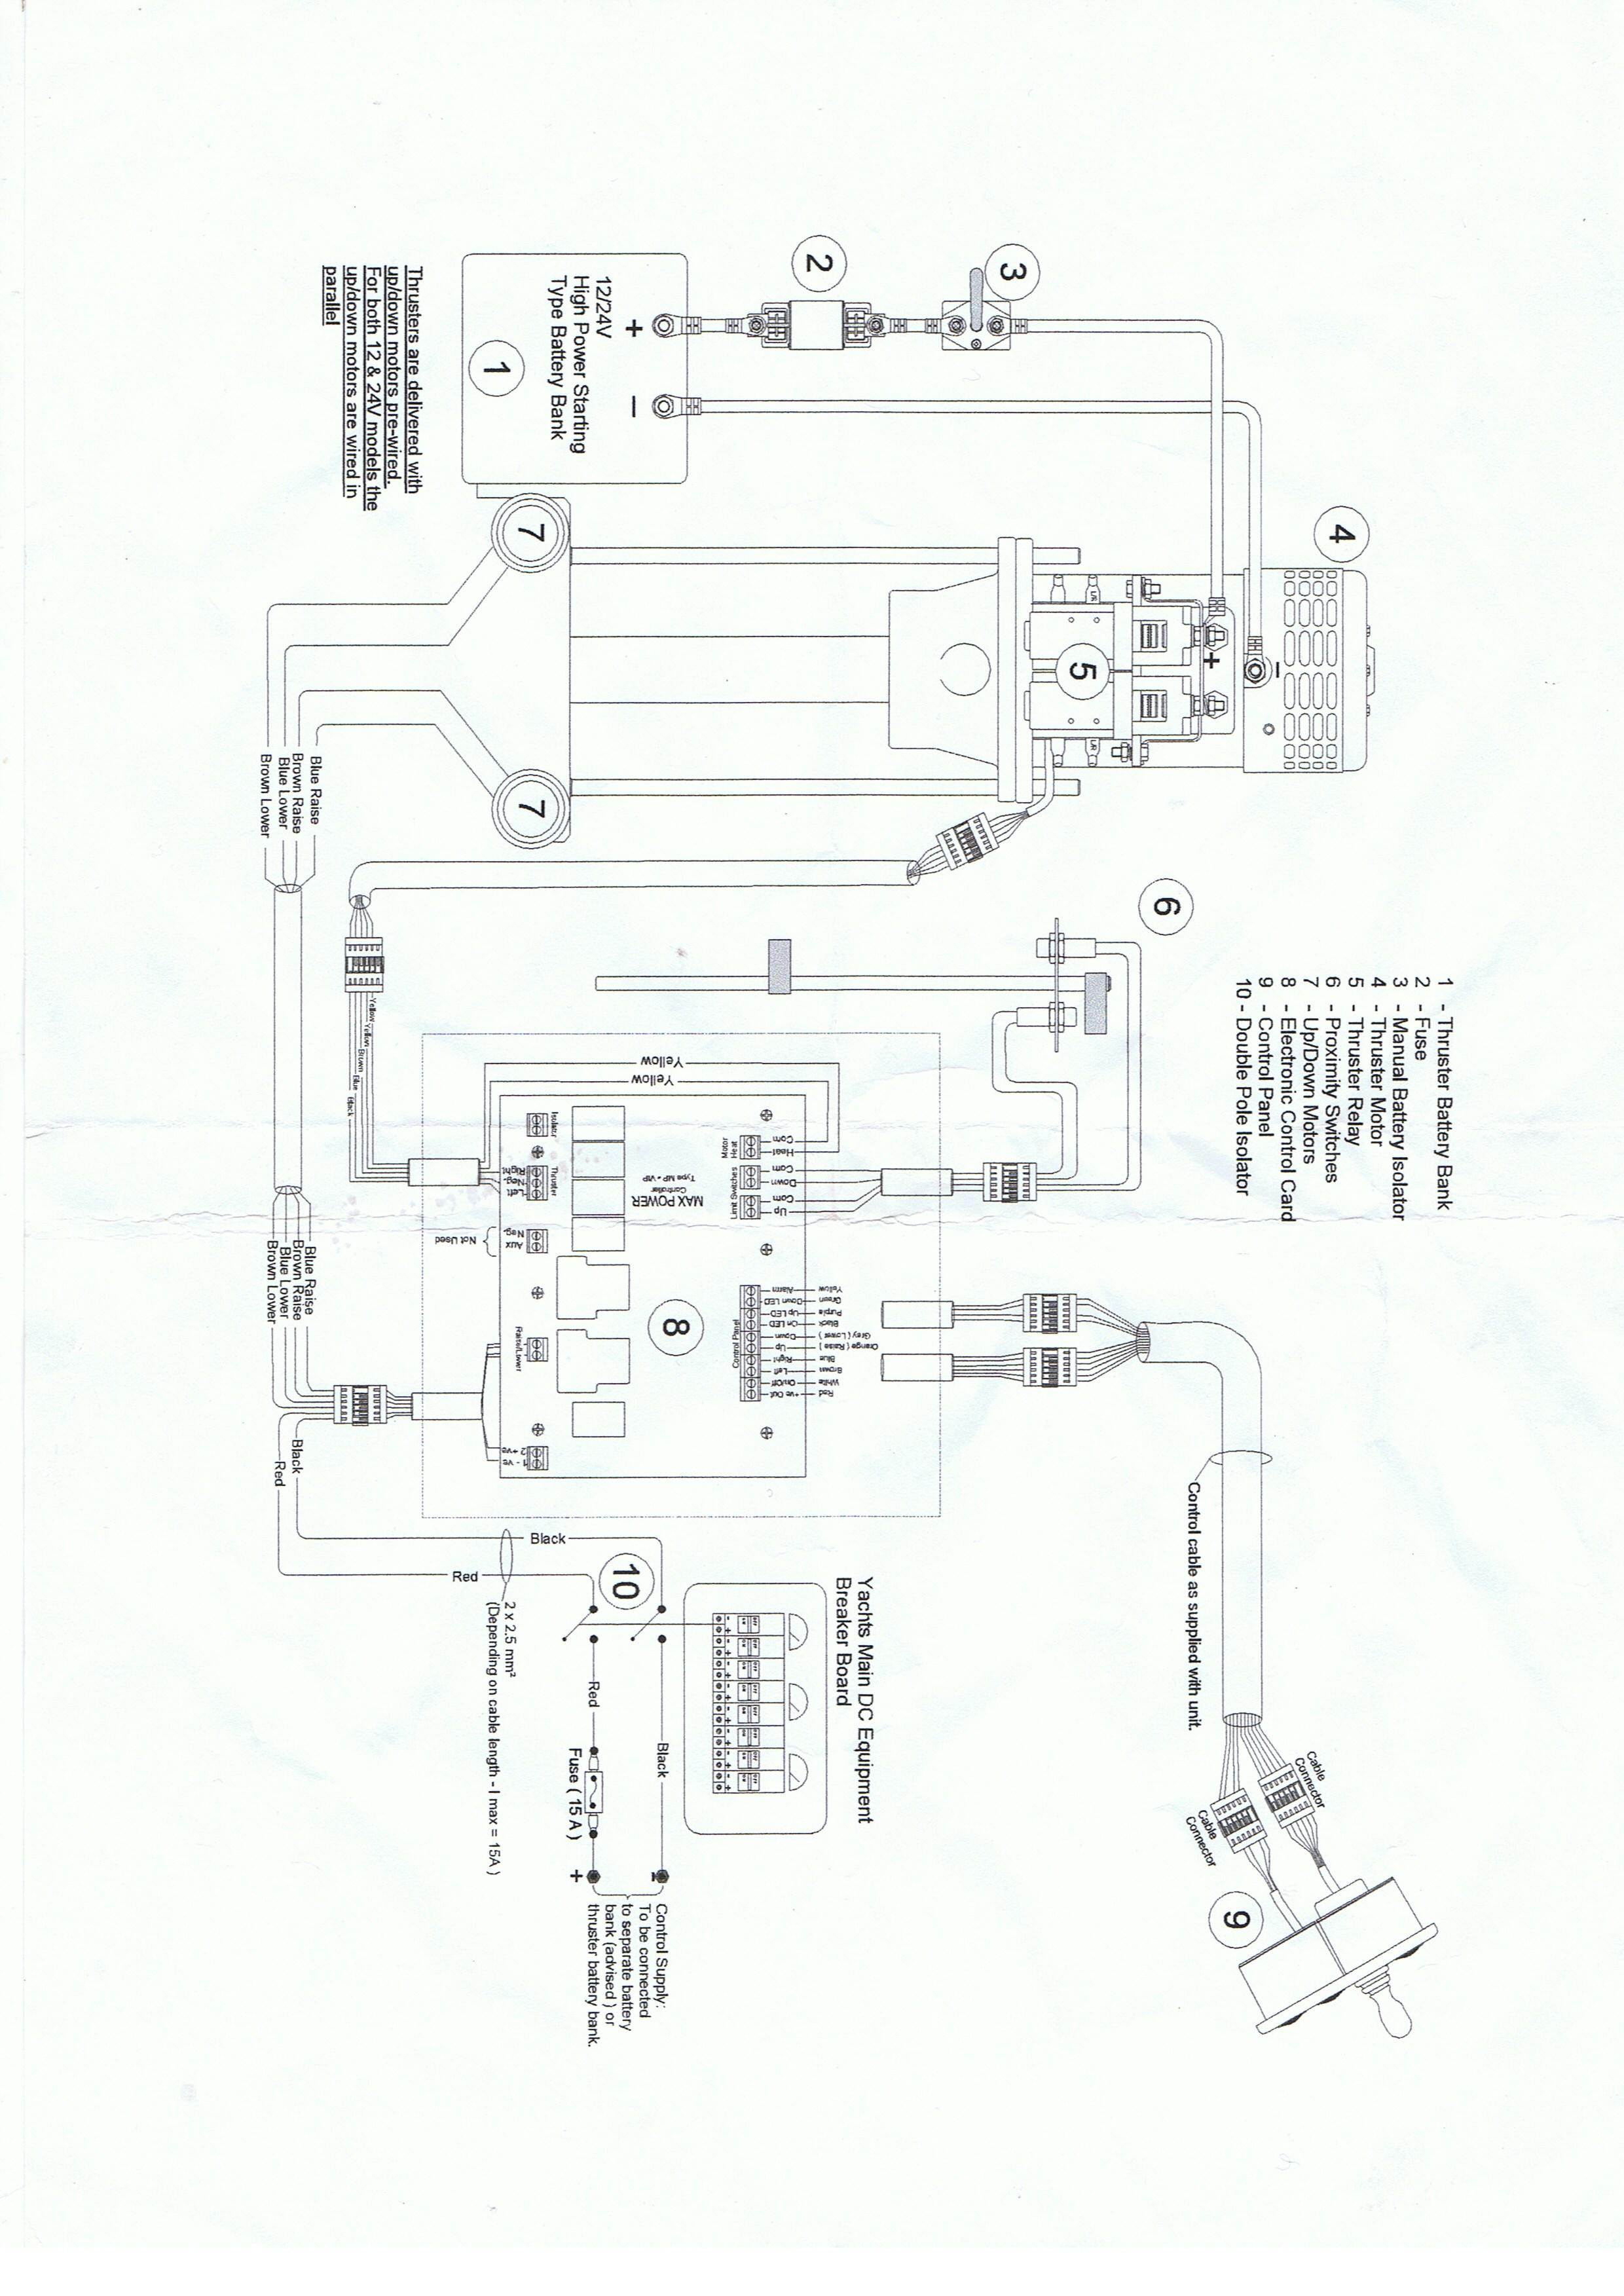 vetus bow thruster wiring diagram - vw tdi fuel filter change -  volvos80.dvi-d.genericocialis.it  wiring diagram resource